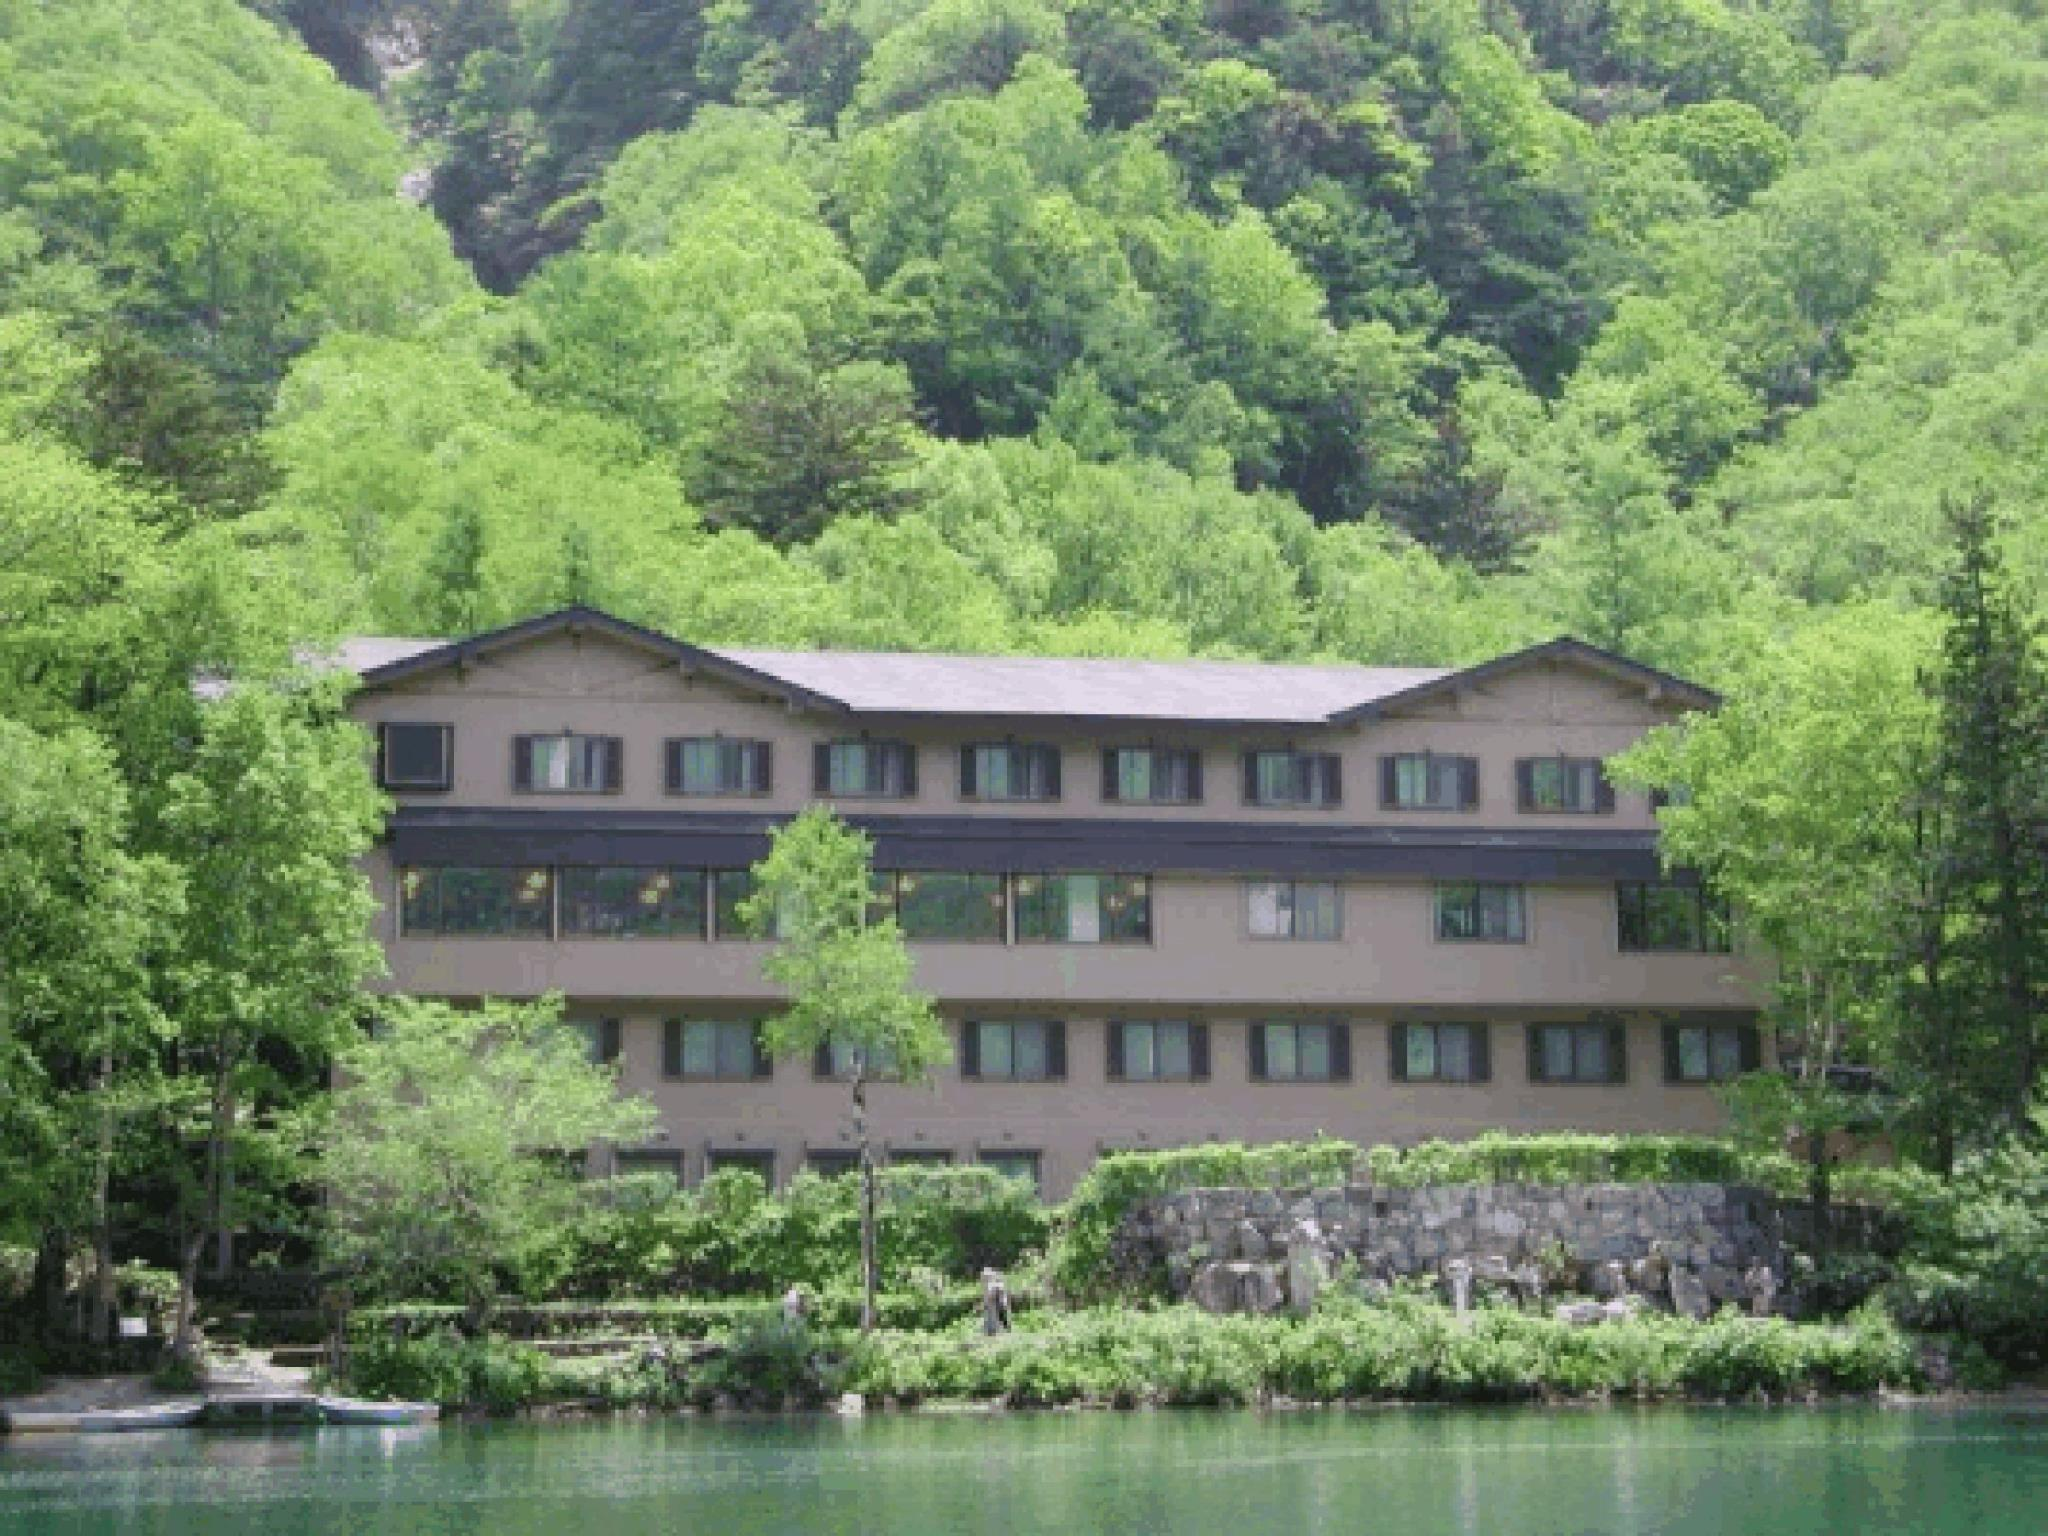 松本上高地大正池酒店 (Kamikochi Taishoike Hotel) - Agoda 提供行程前一刻網上即時優惠價格訂房服務